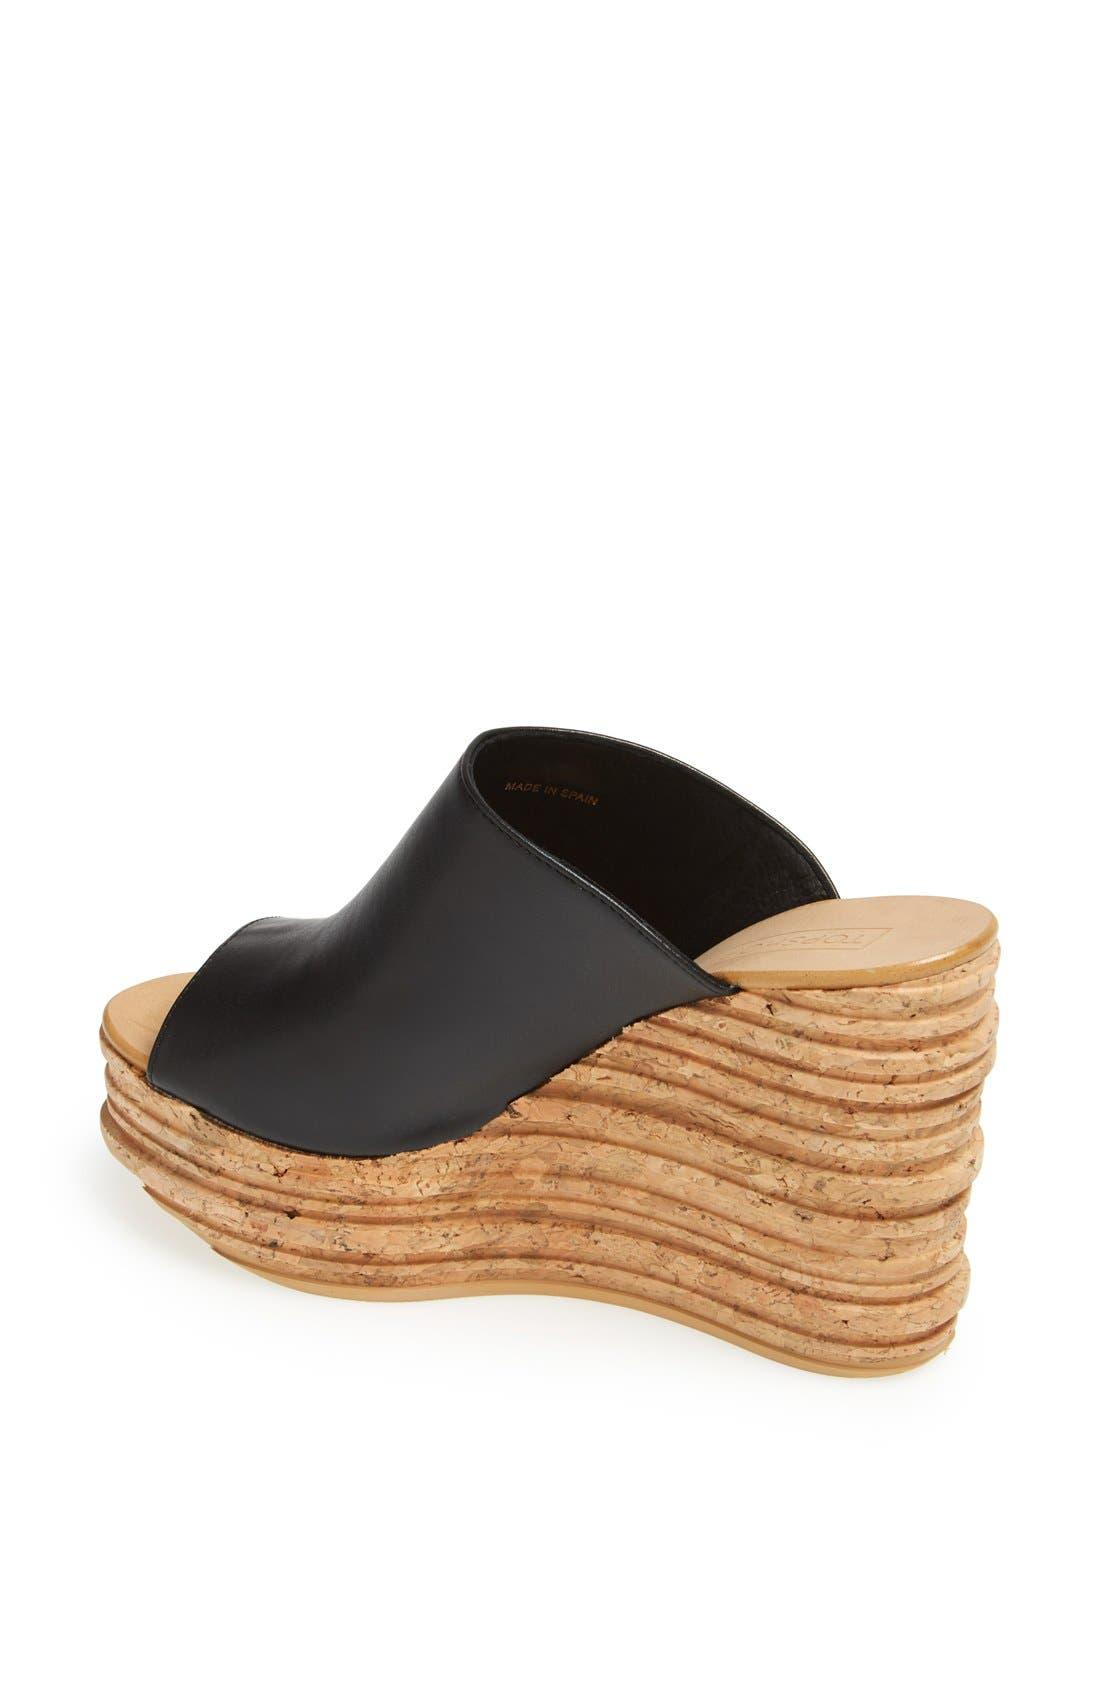 Alternate Image 2  - Topshop 'Walnut' Wedge Mule Sandal